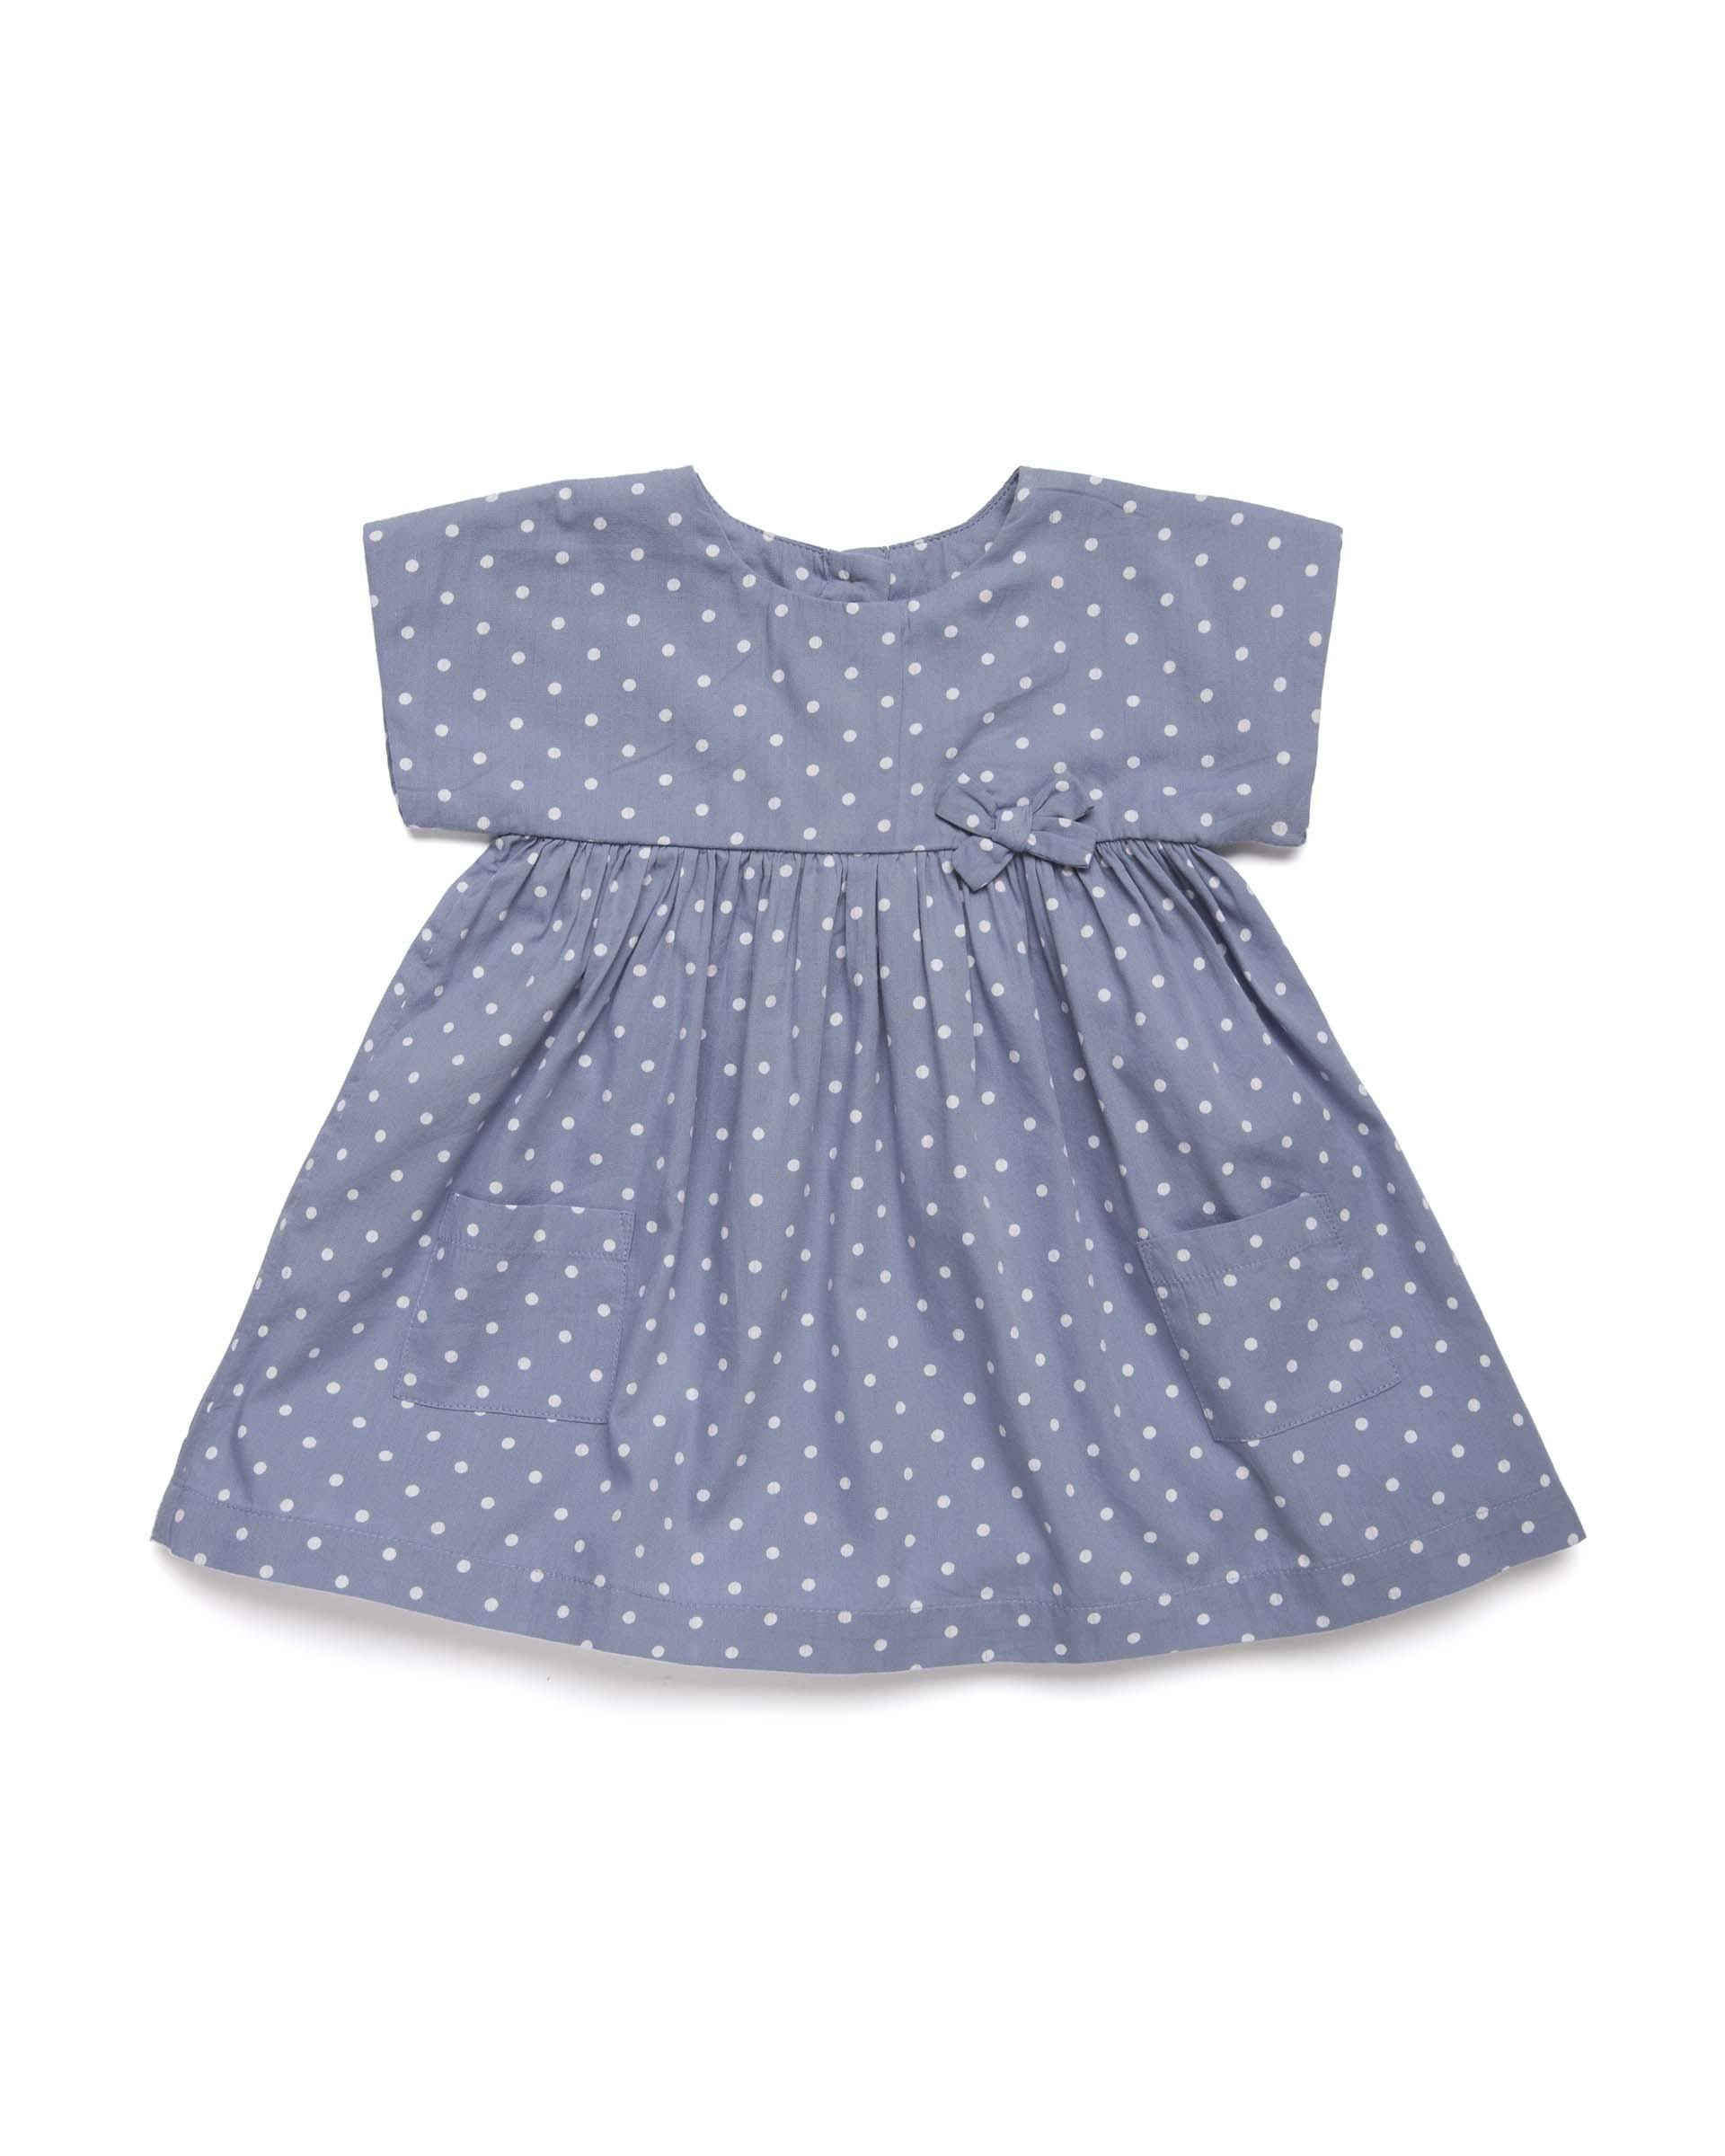 Купить 20P_4OO45V7JE_61R, Платье для девочек Benetton 4OO45V7JE_61R р-р 90, United Colors of Benetton, Платья для новорожденных